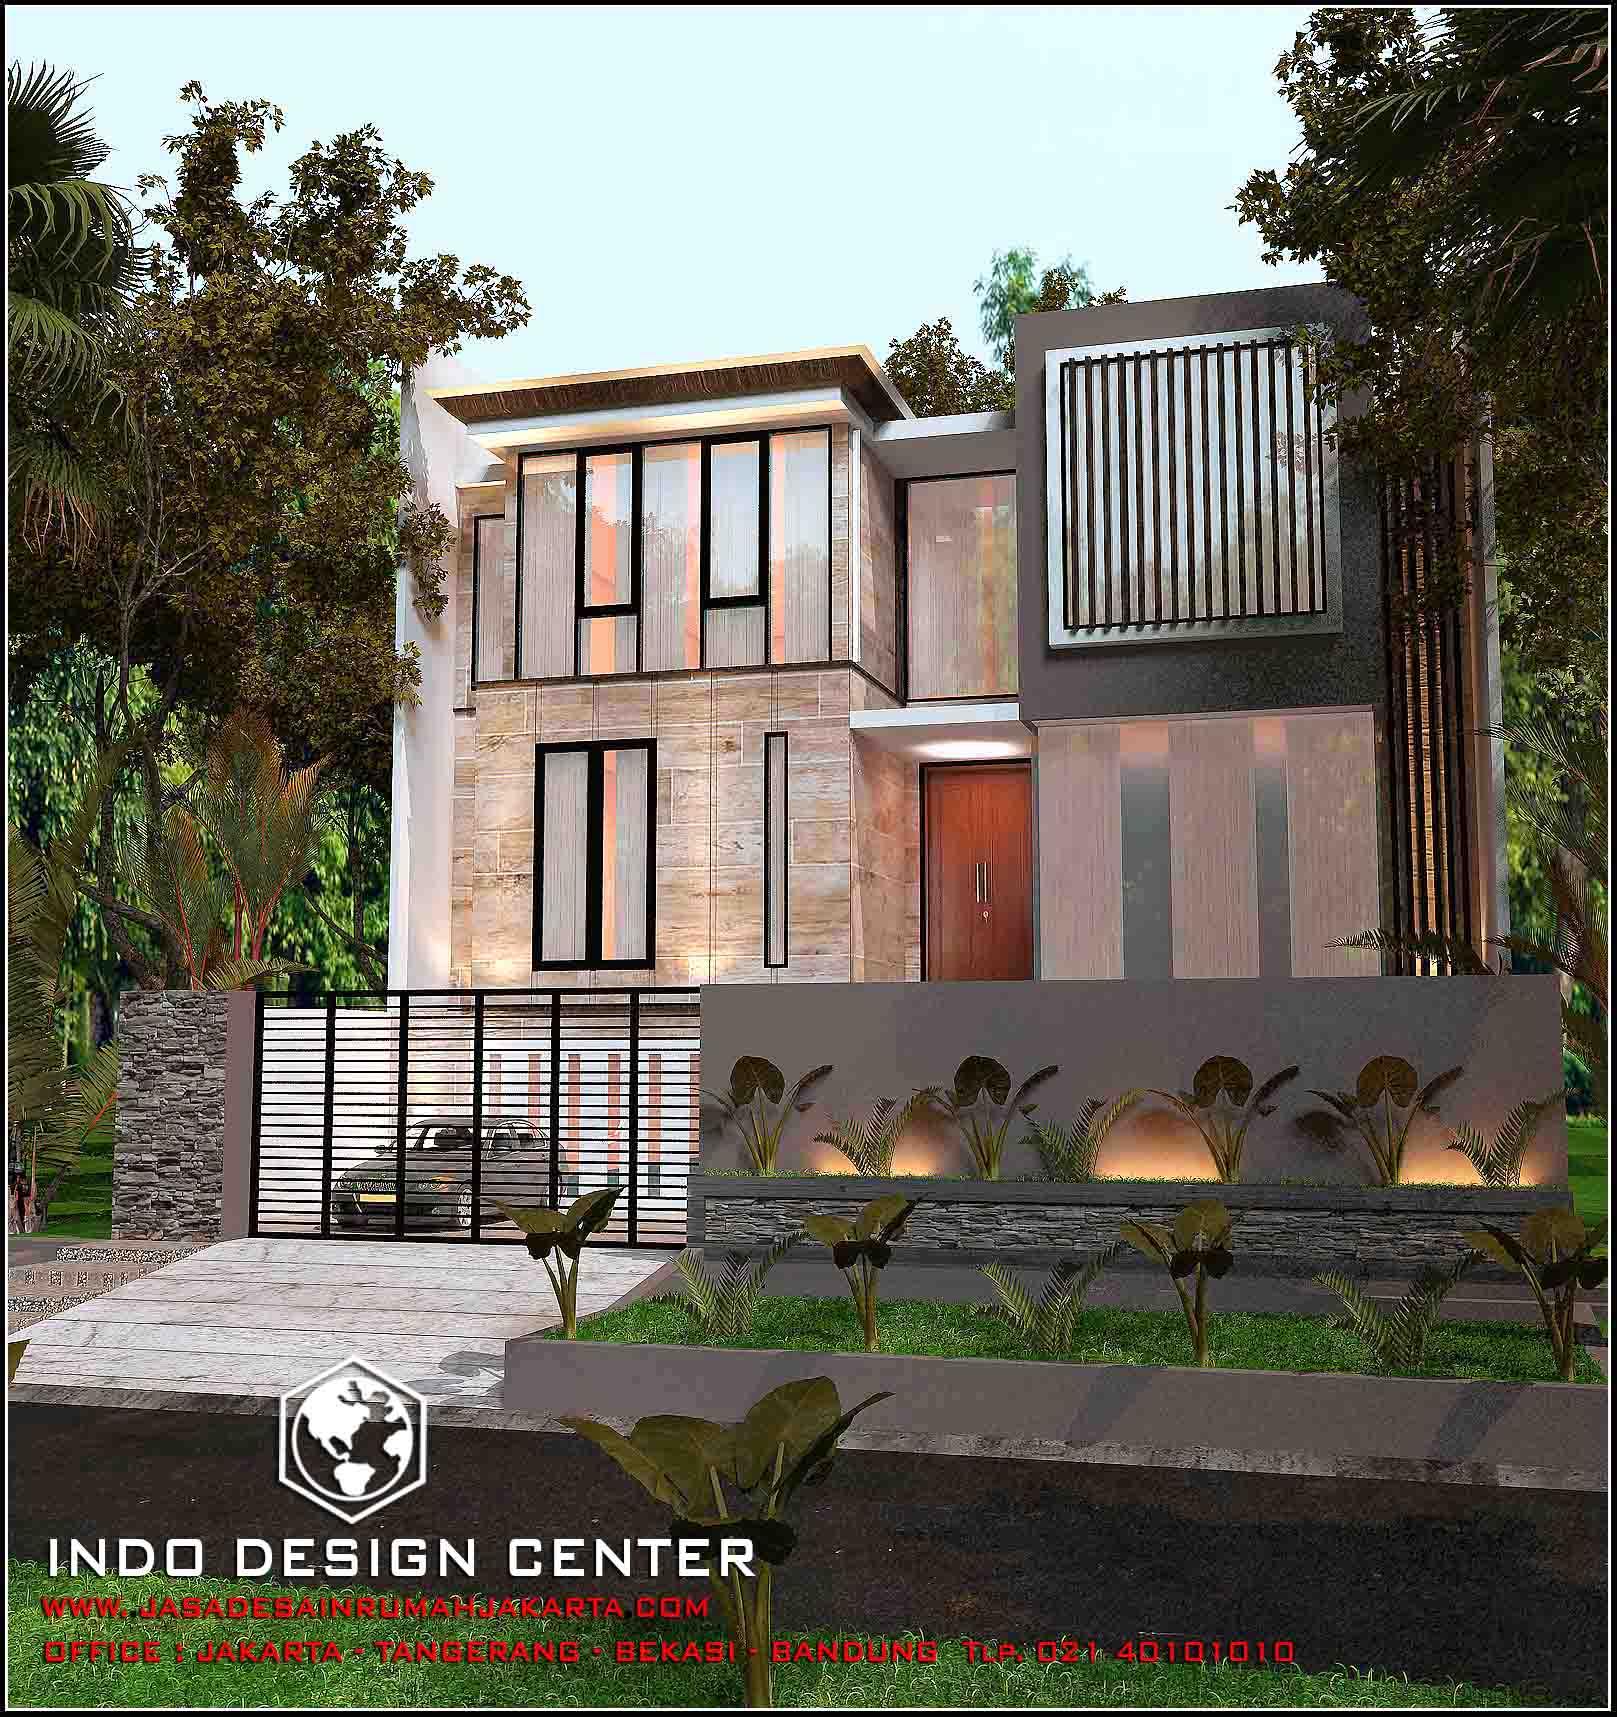 Interior kantor minimalis tropis 3 lantai - Berikut Ini Adalah Desain Rumah 3 Lantai Tampak 2 Lantai Minimalis Karya Arsitek Idc 2017